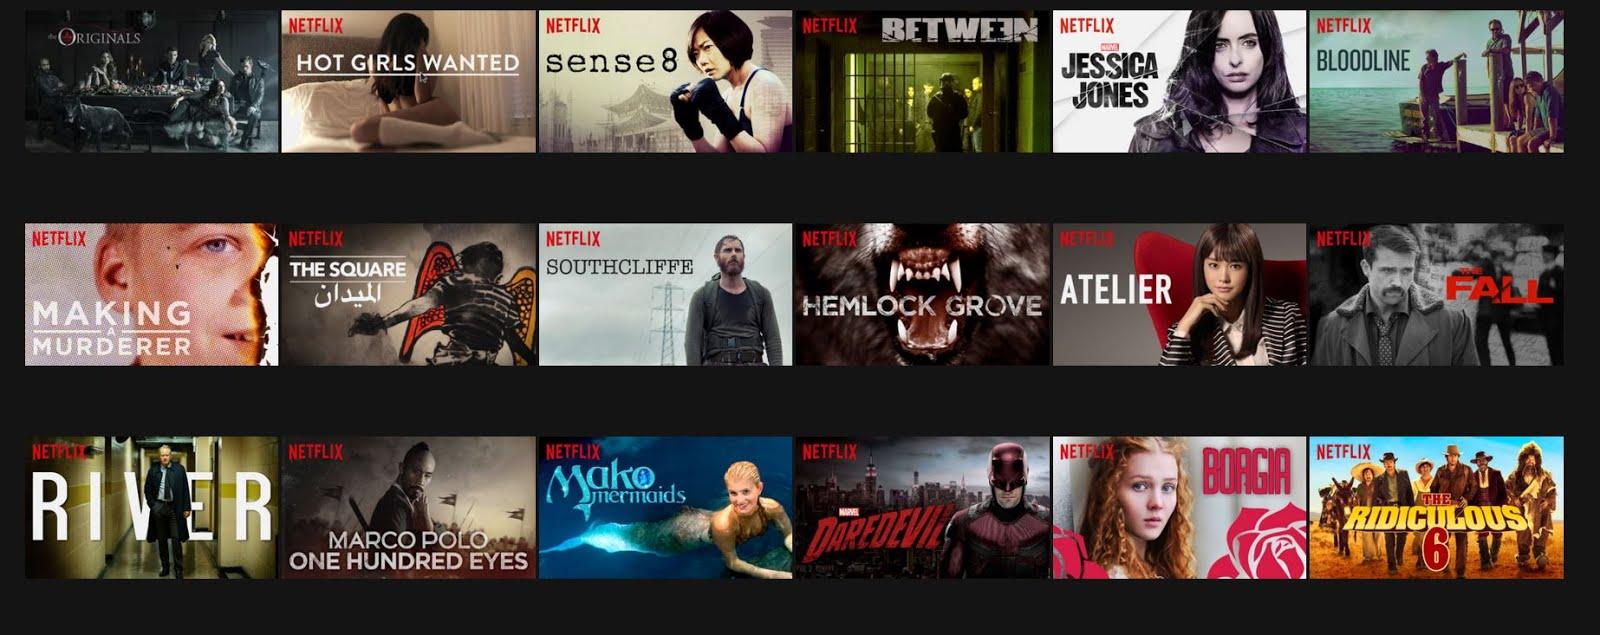 Las películas y series mejor calificadas en Netflix